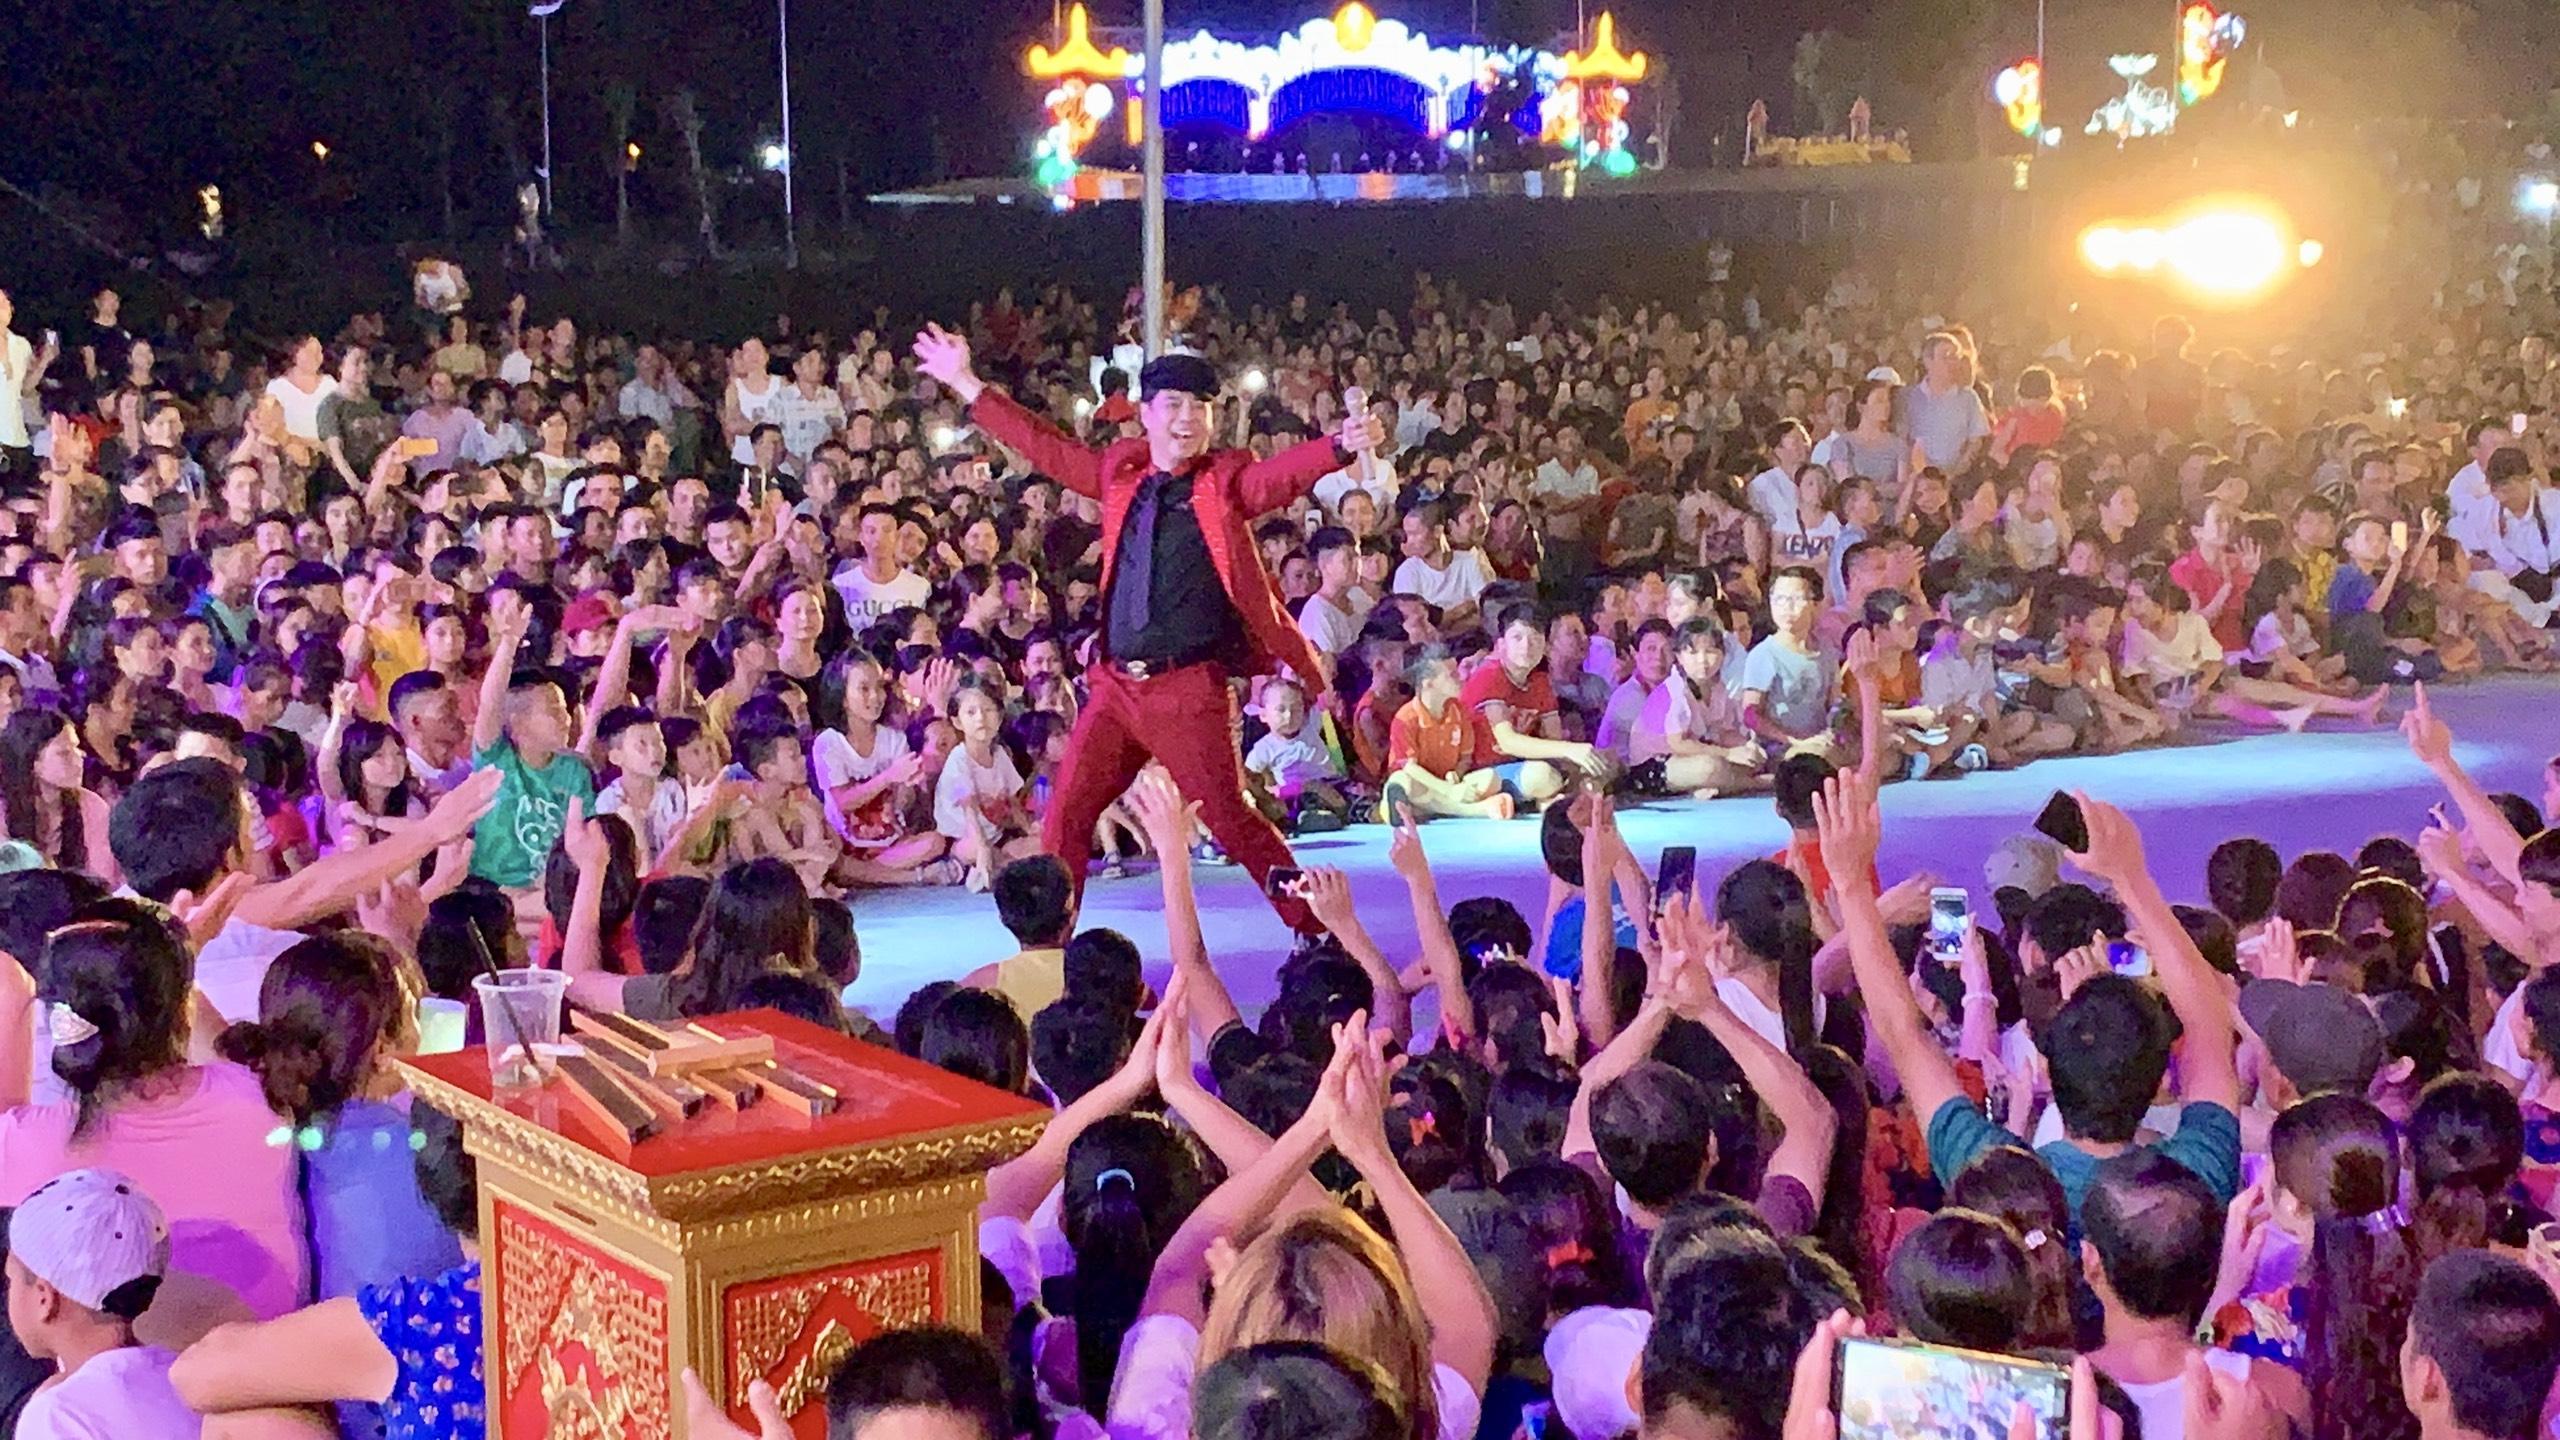 Doanh nhân Mẫn Ngọc Anh song ca cùng Ngọc Sơn trước 5 vạn khán giả 2